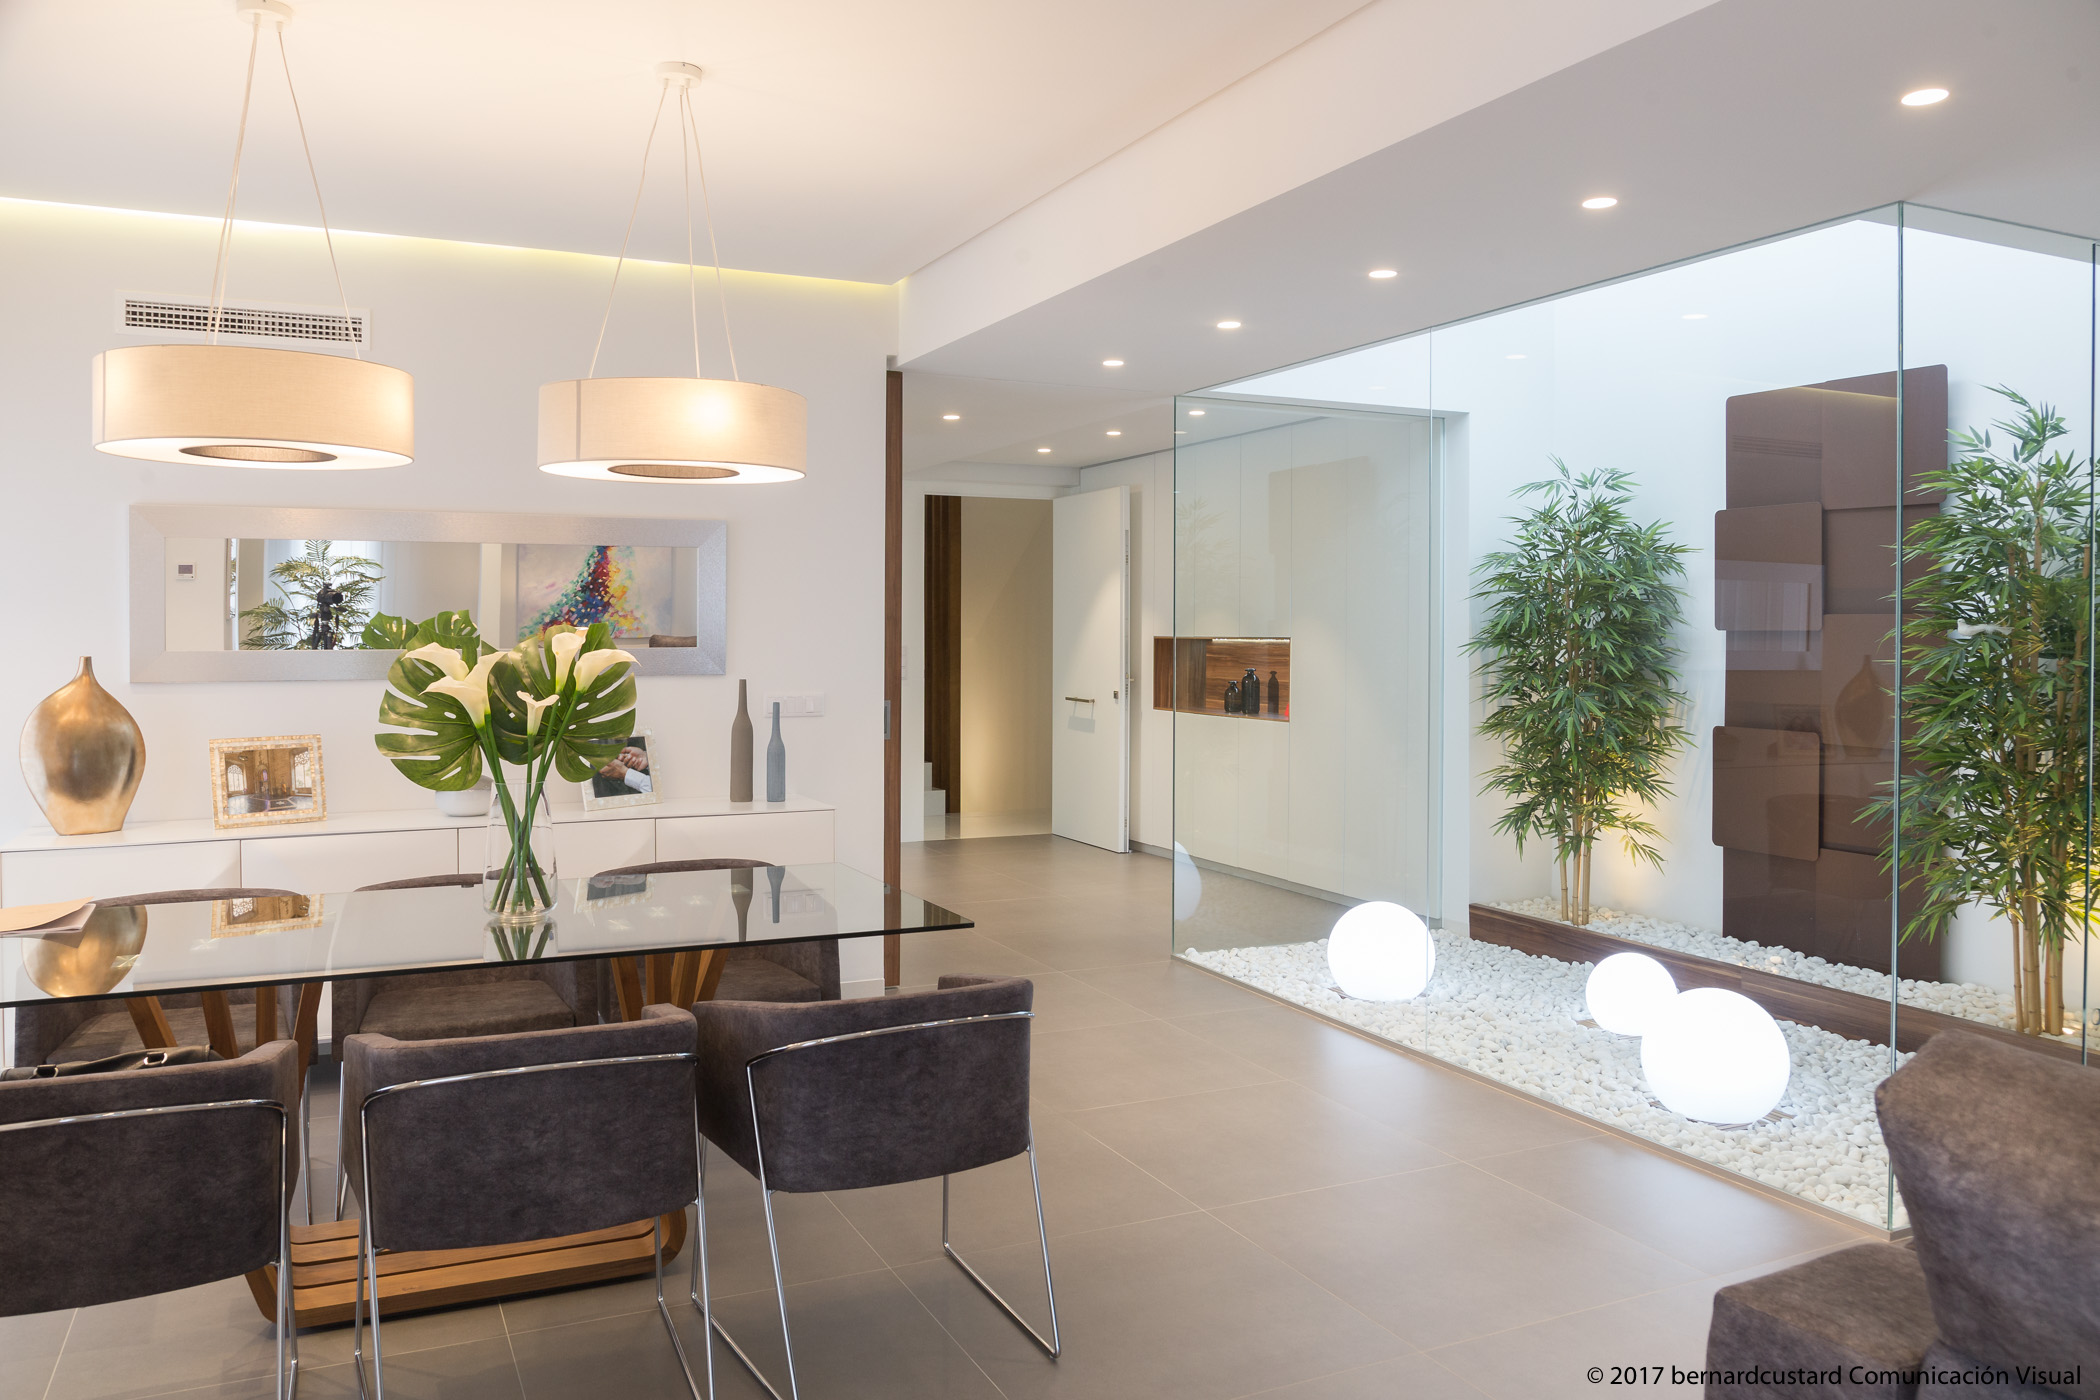 Vivienda particular dise o de interiores y armonizaci n for Diseno de interiores virtual